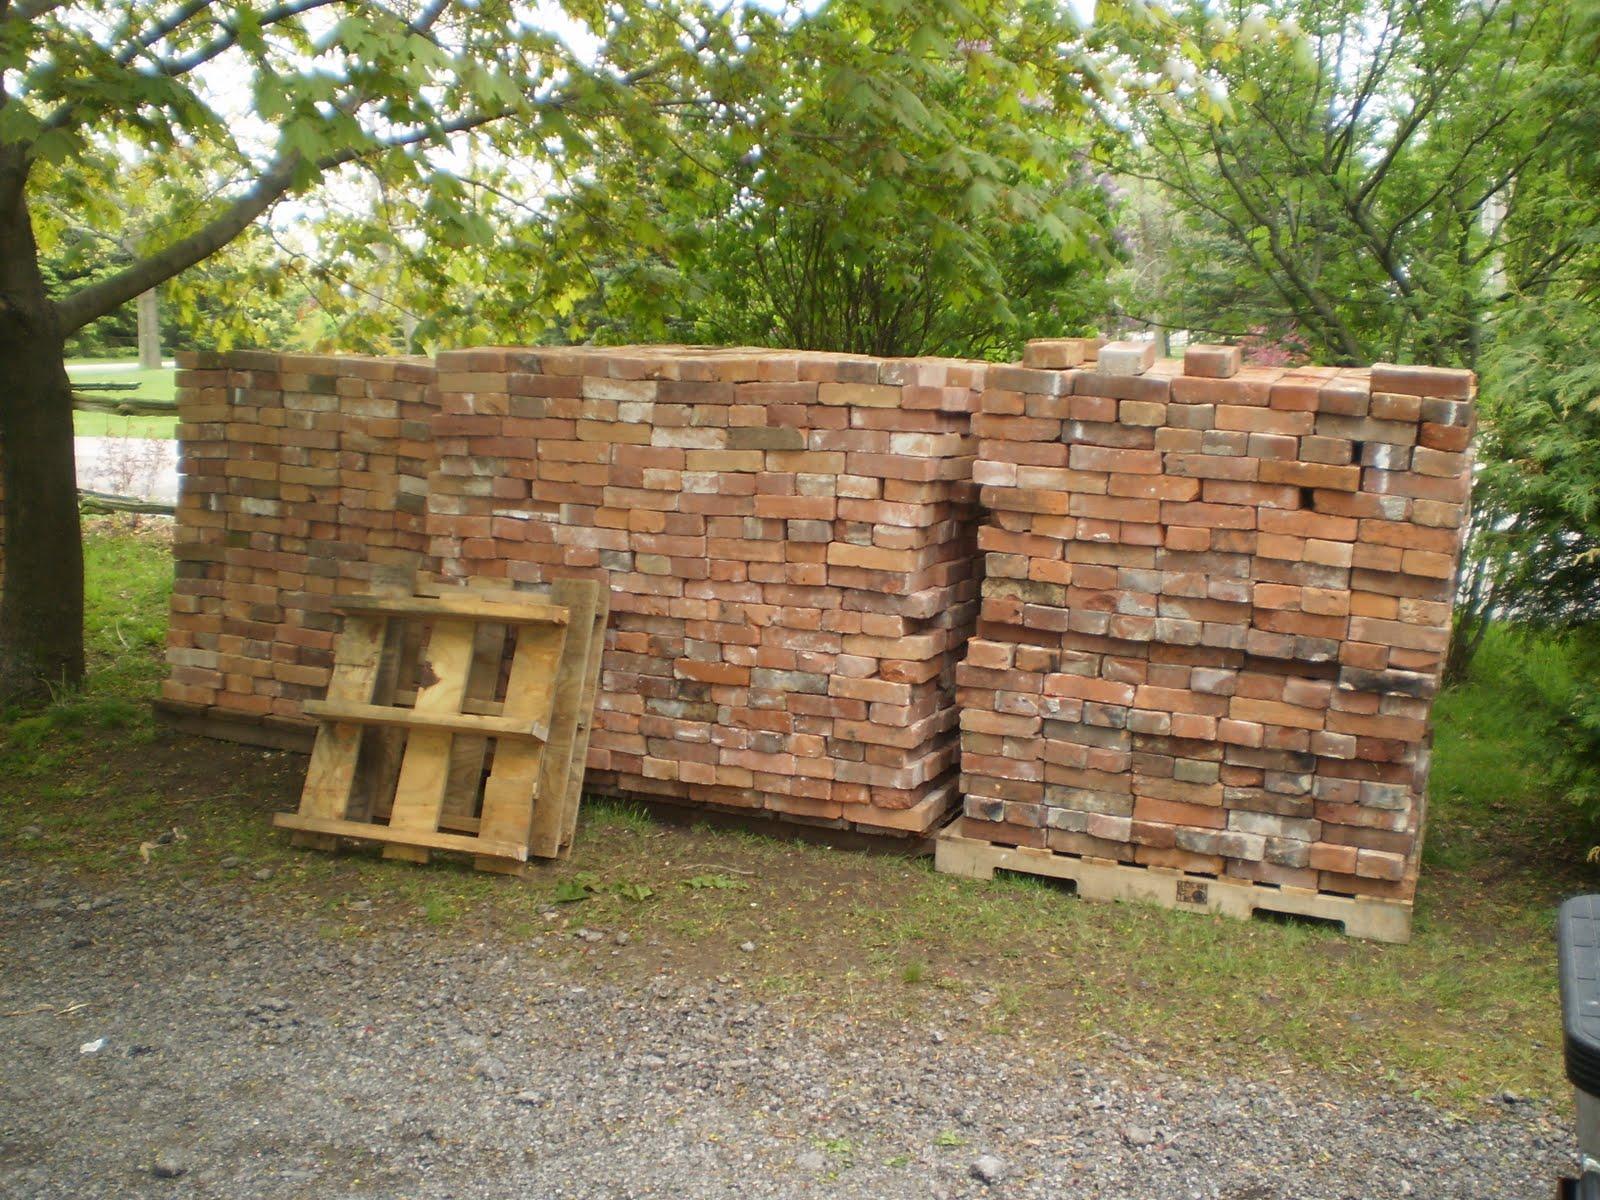 wallpaper: Brick Wallpaper Home Depot Canada